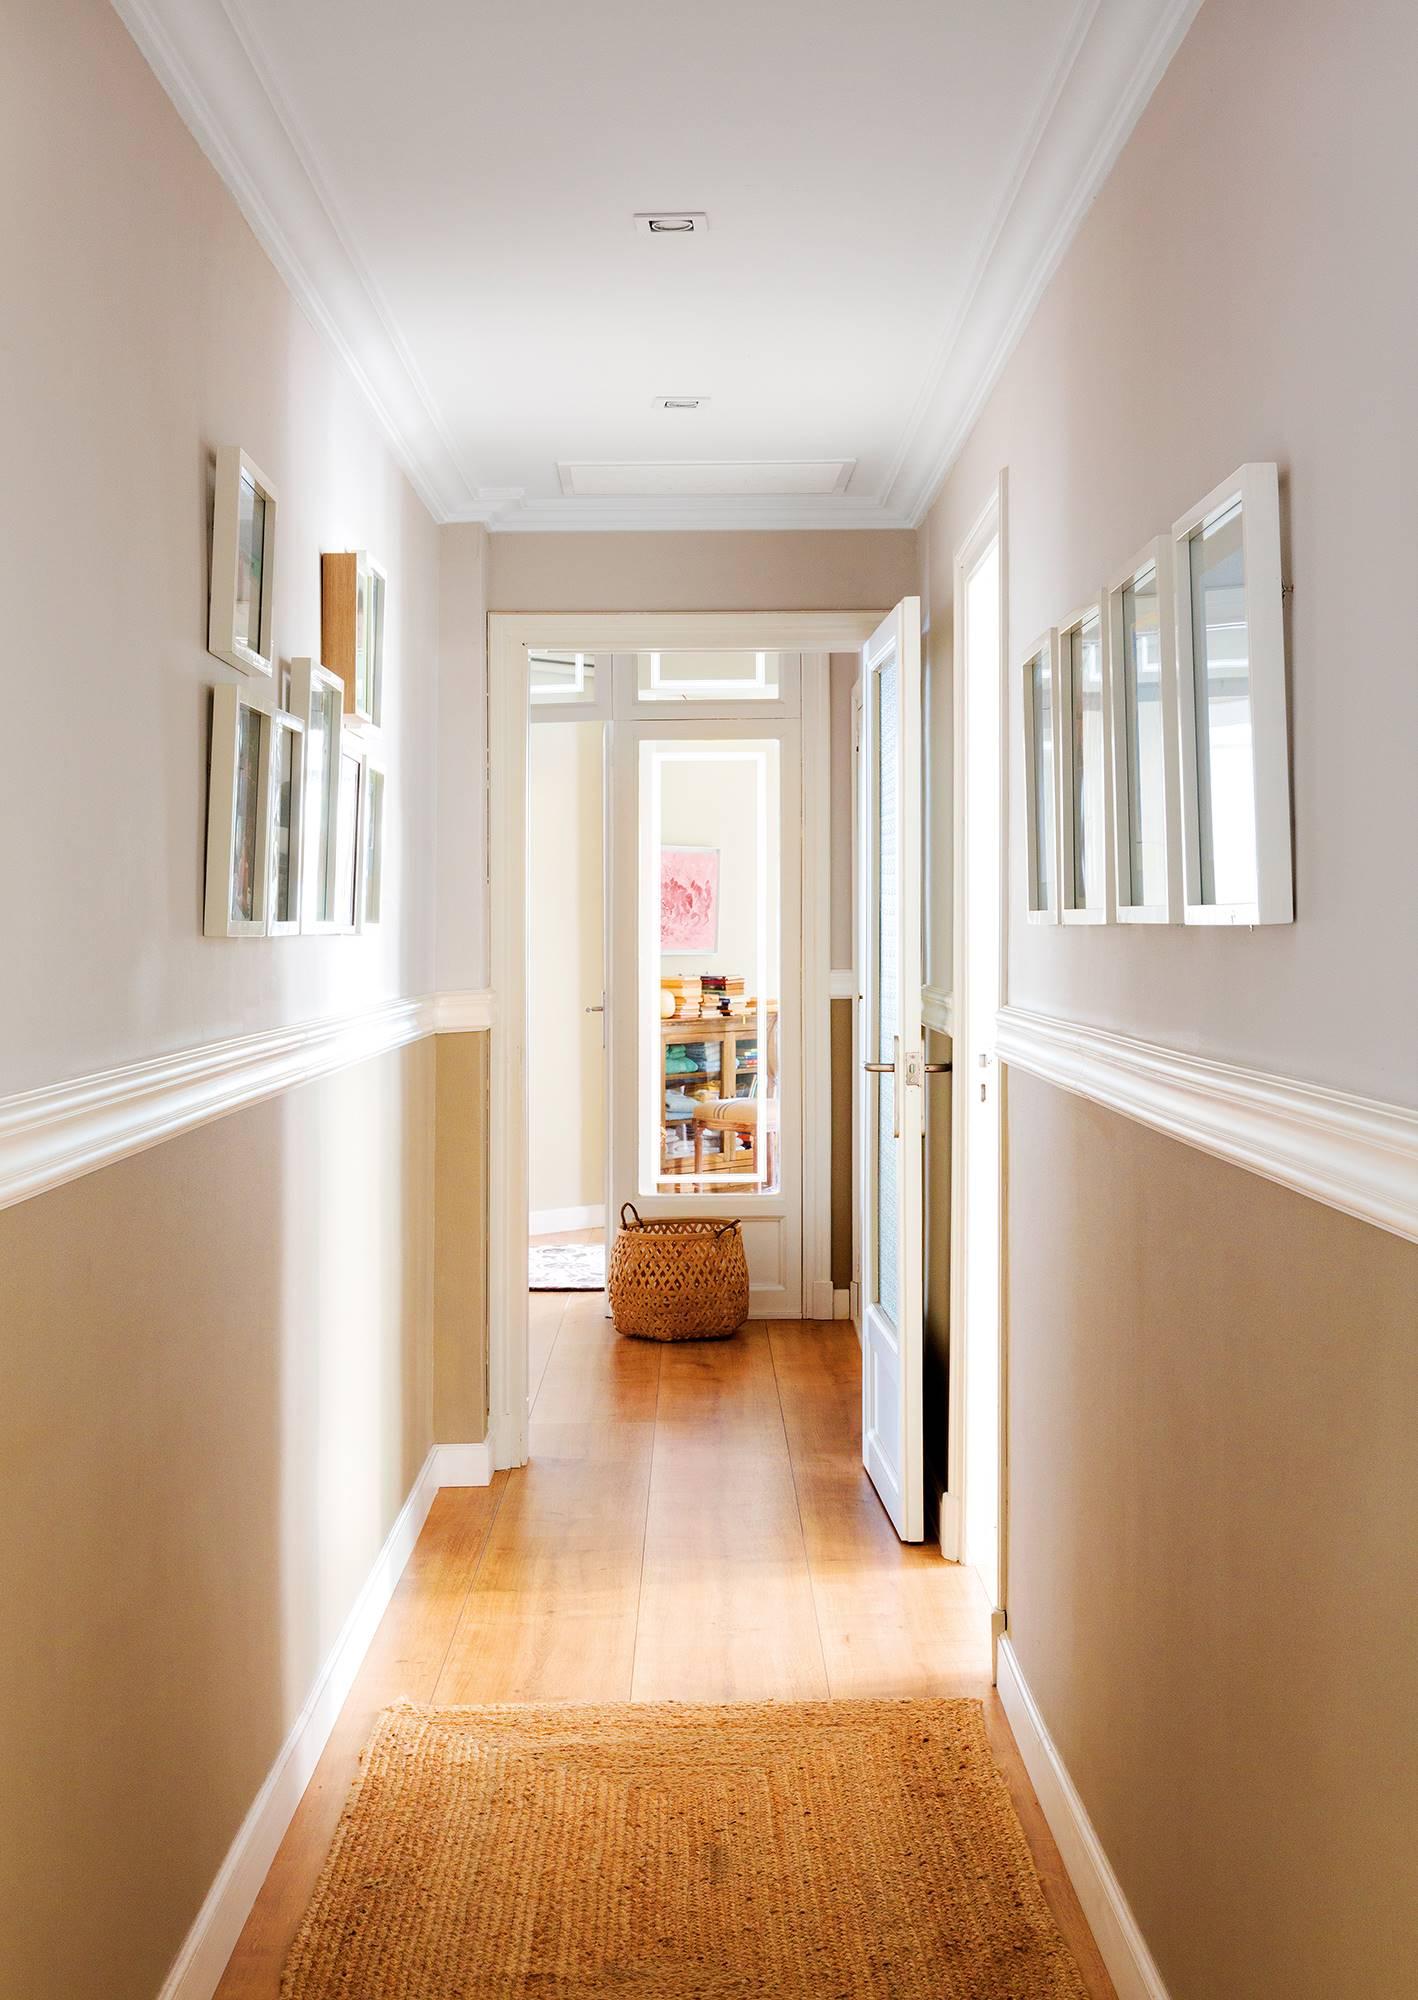 411 fotos de pasillos - Cuadros para decorar pasillos ...